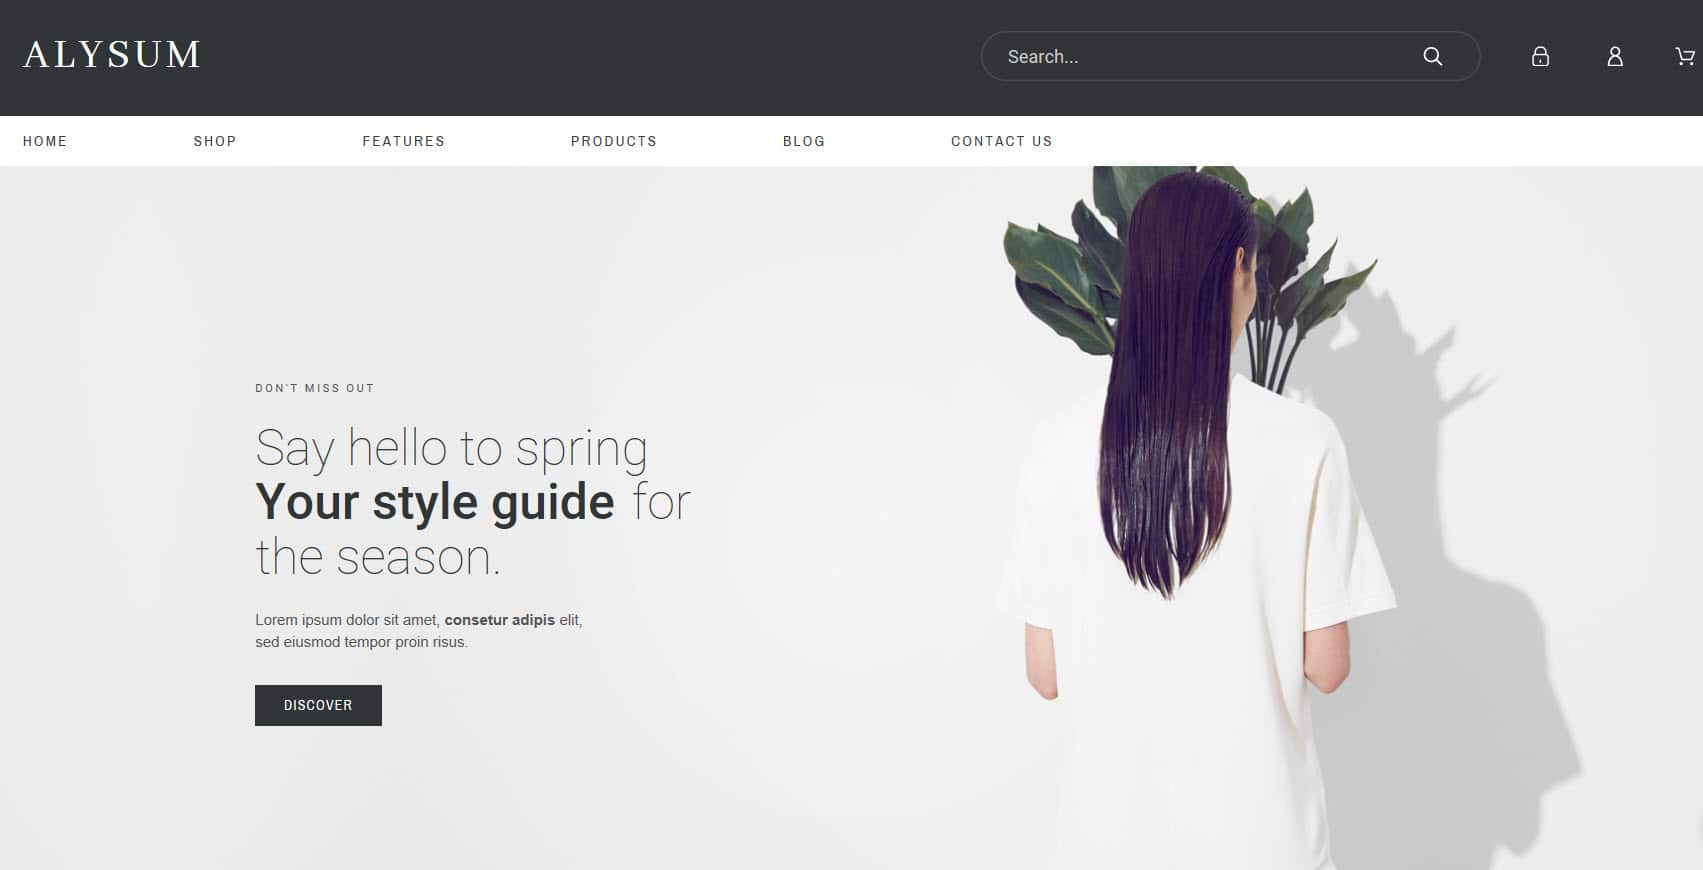 PrestaShop Theme des Monats online-Shops